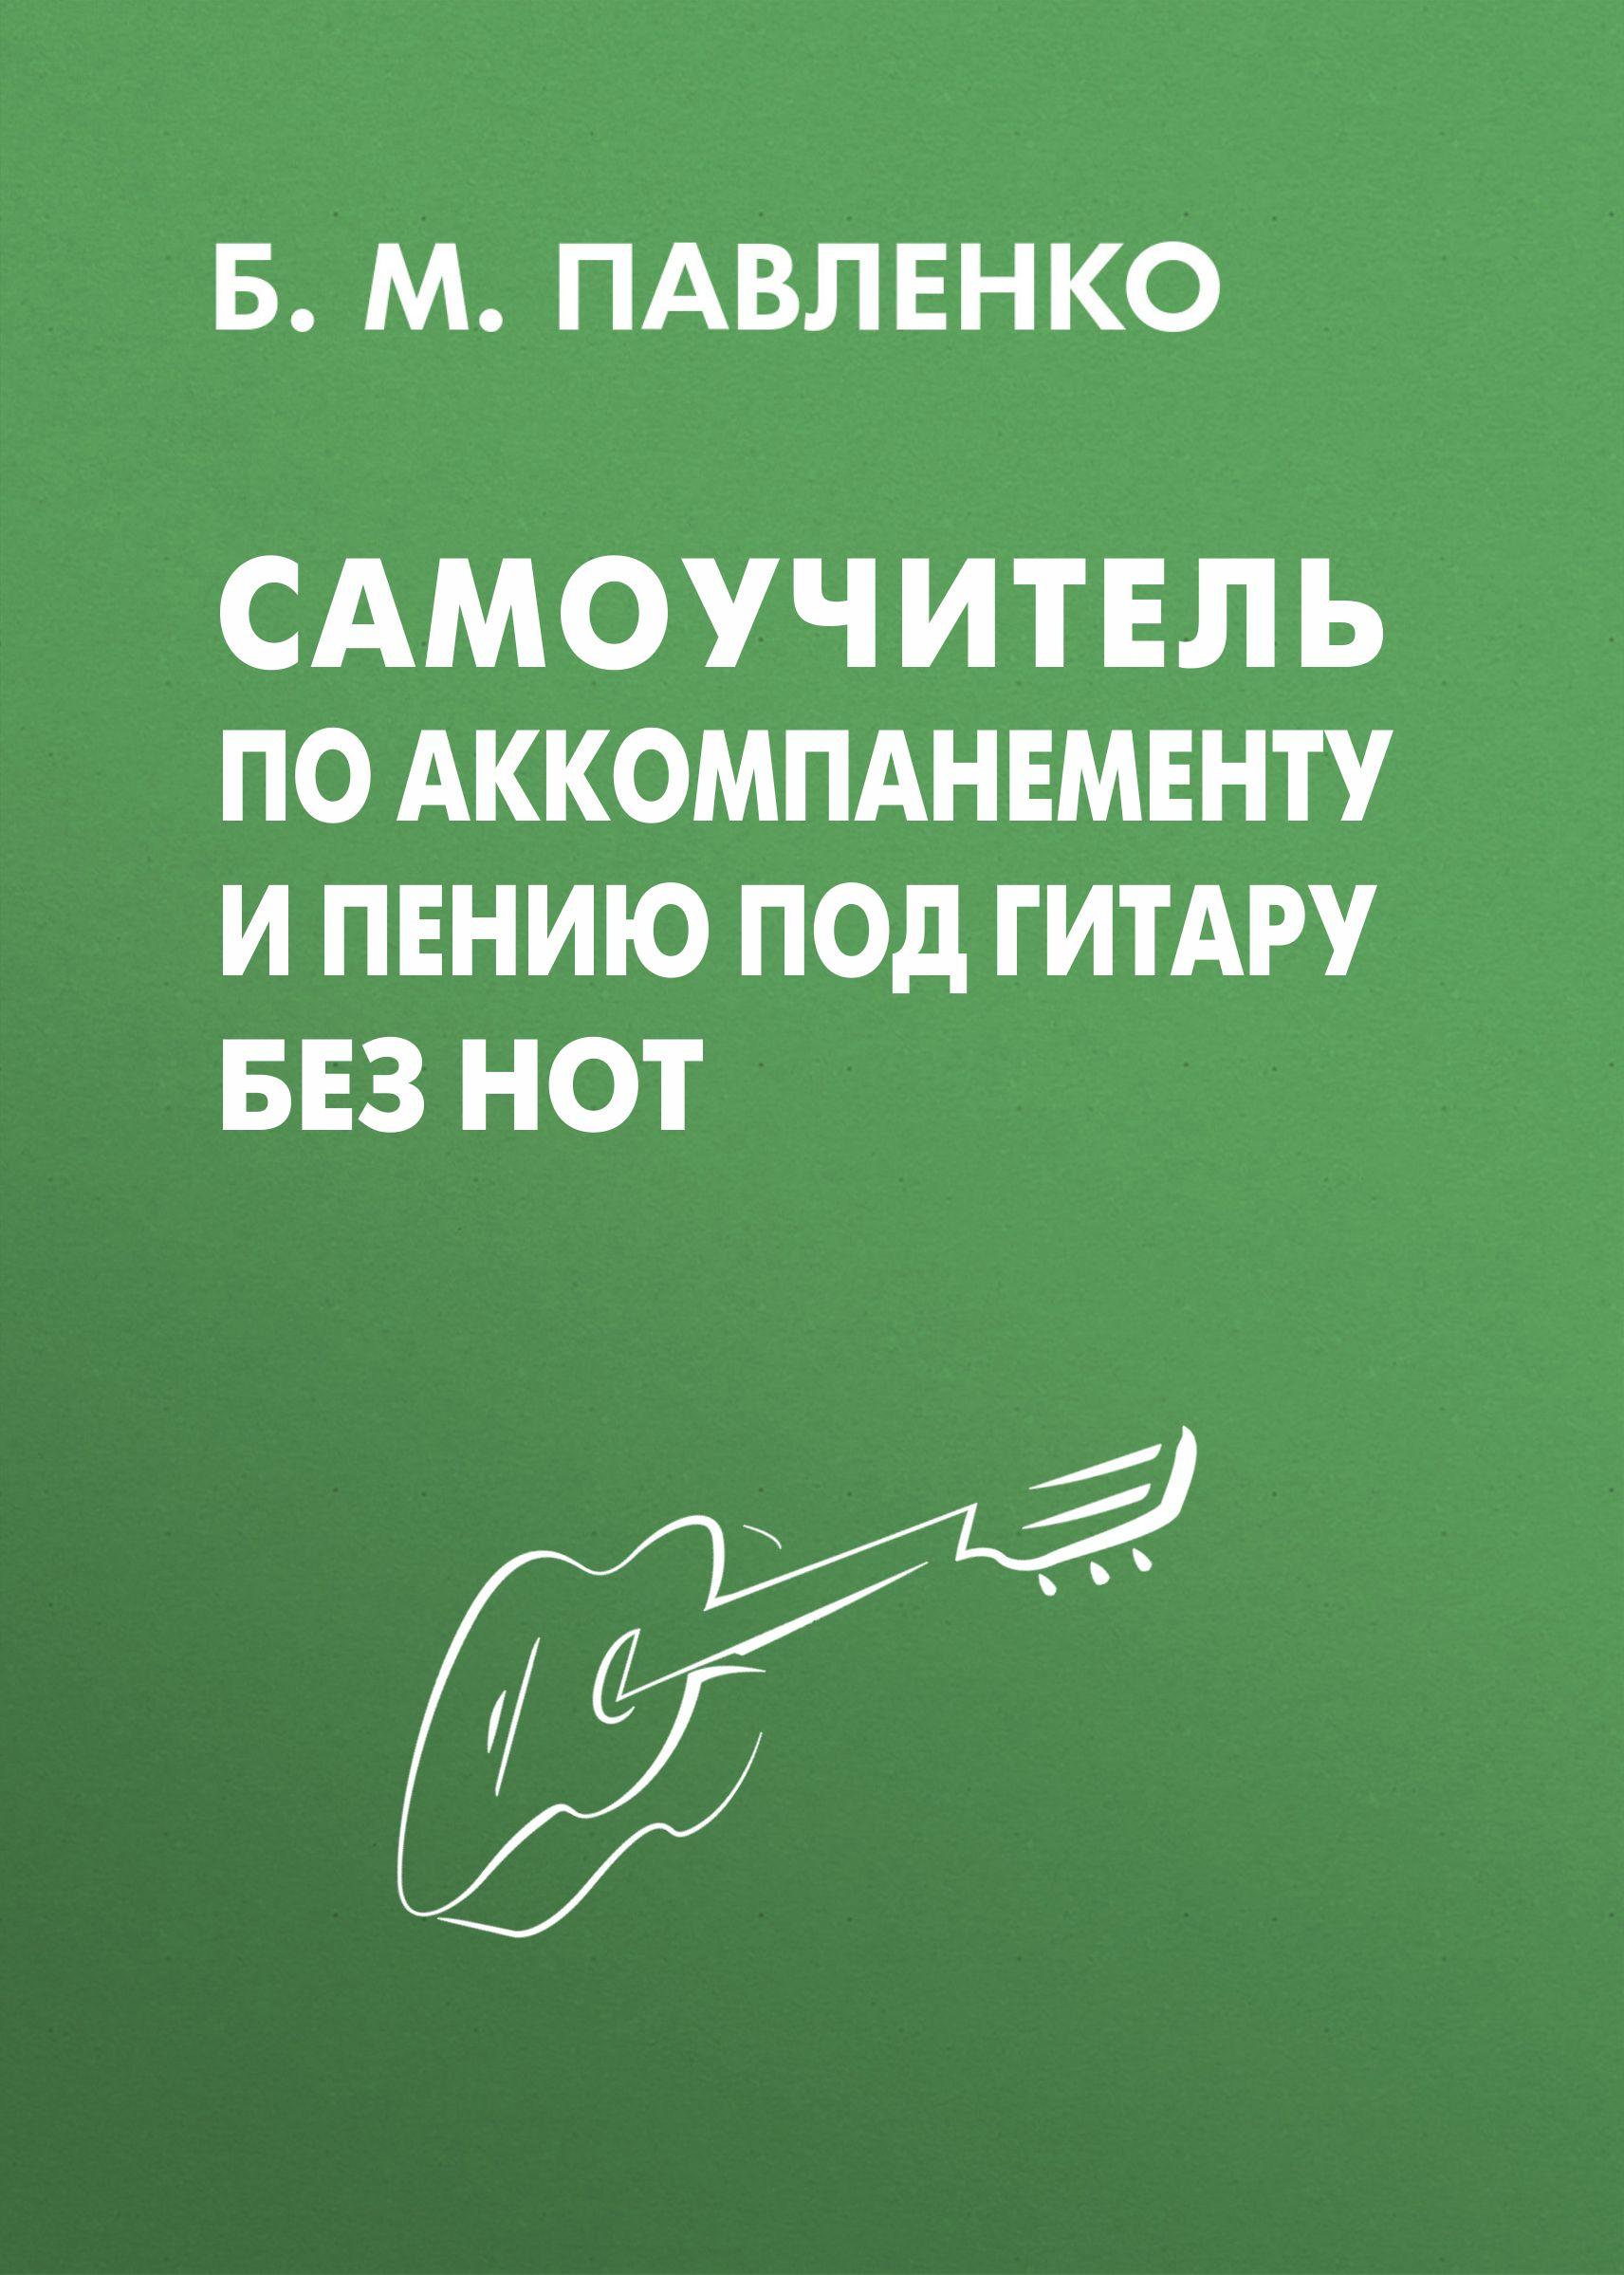 Б. М. Павленко Самоучитель по аккомпанементу и пению под гитару без нот б м павленко самоучитель игры на шестиструнной гитаре аккорды аккомпанемент и пение под гитару